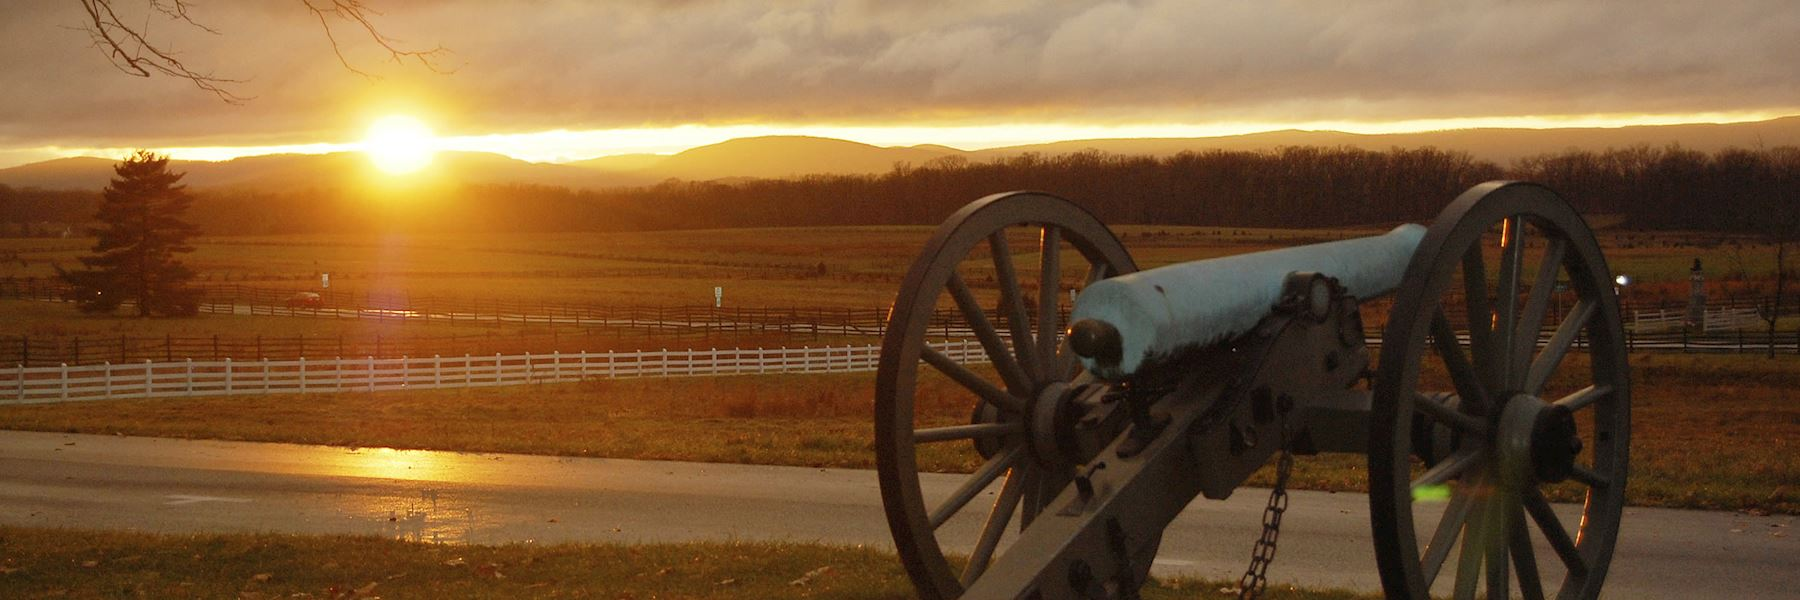 Visit Gettysburg, USA